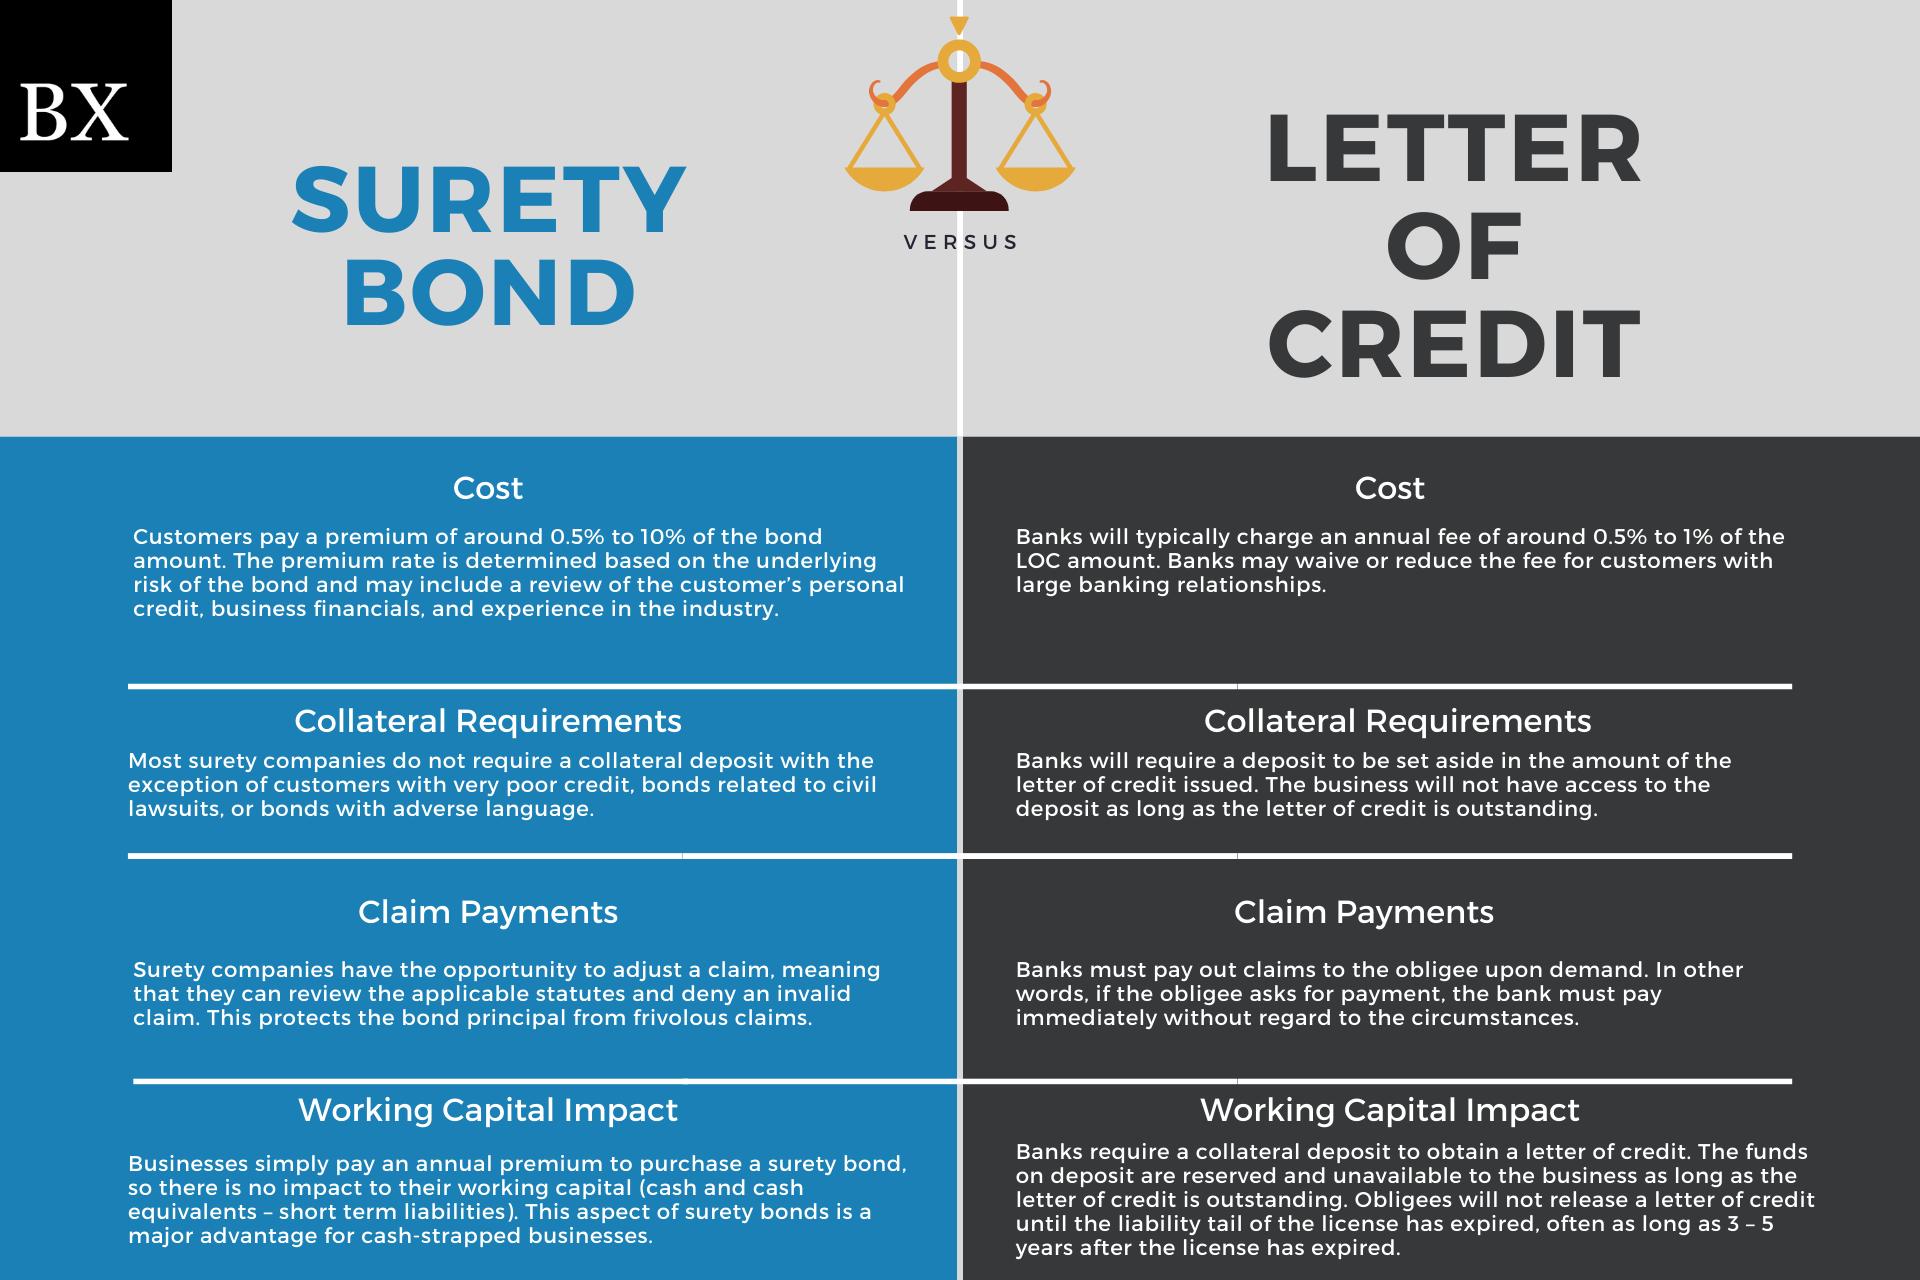 surety bond vs letter of credit